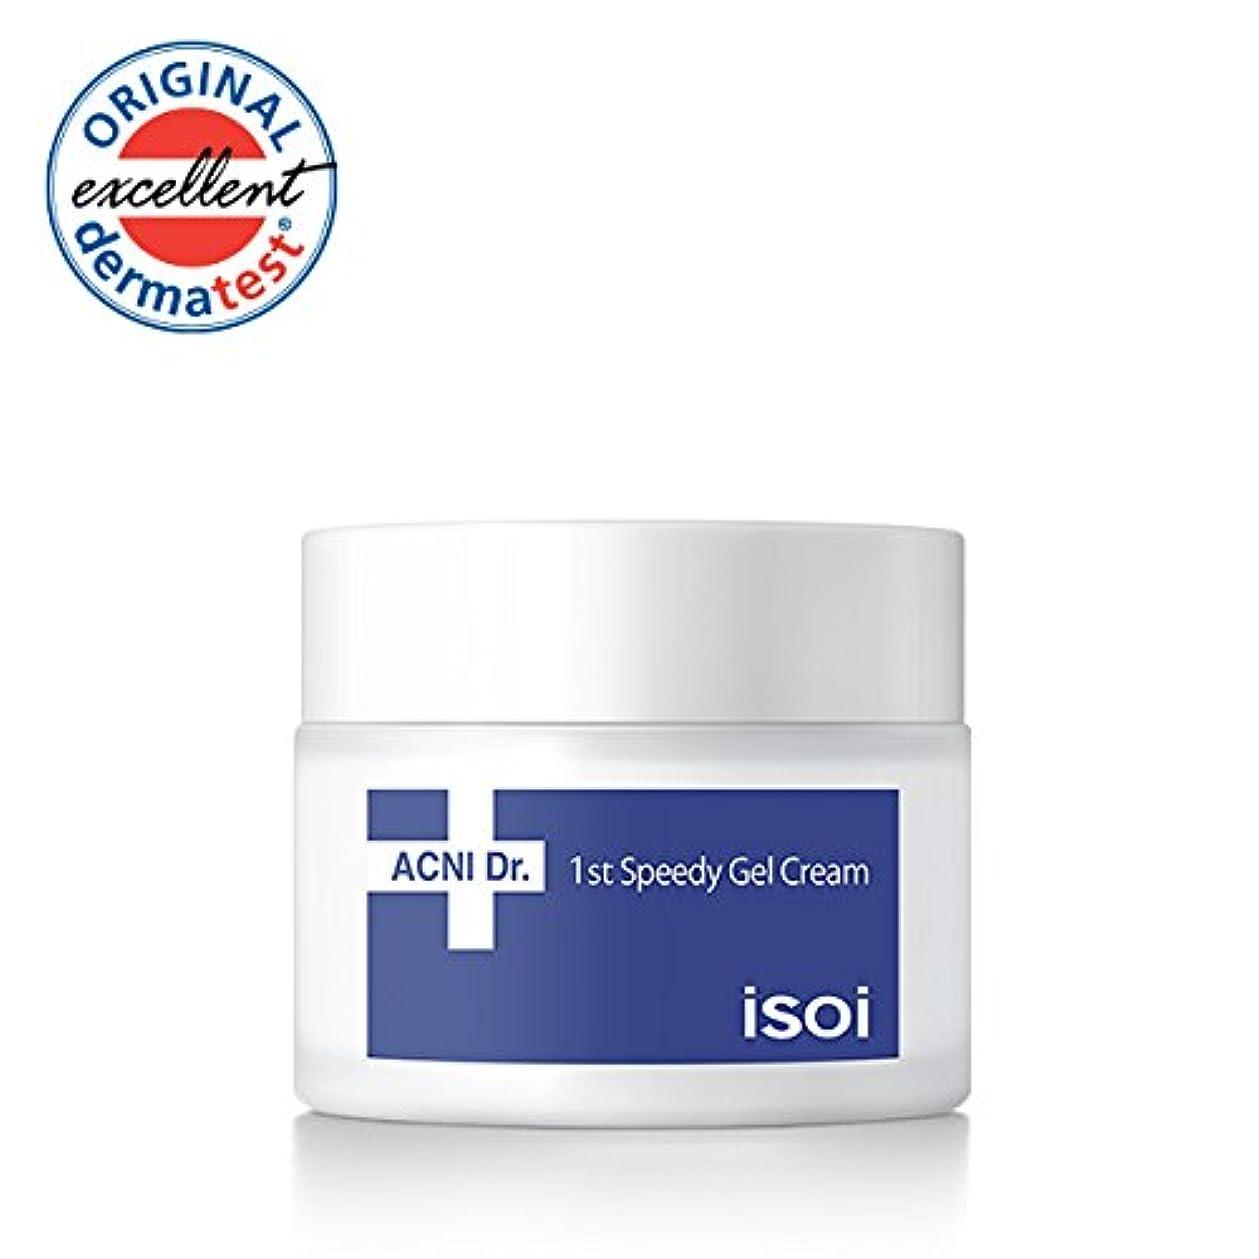 フォージよろめく竜巻アイソイ アクニドクター ァスト スピーディジェルクリーム 50ml / isoi ACNI Dr. 1st Speedy Gel Cream